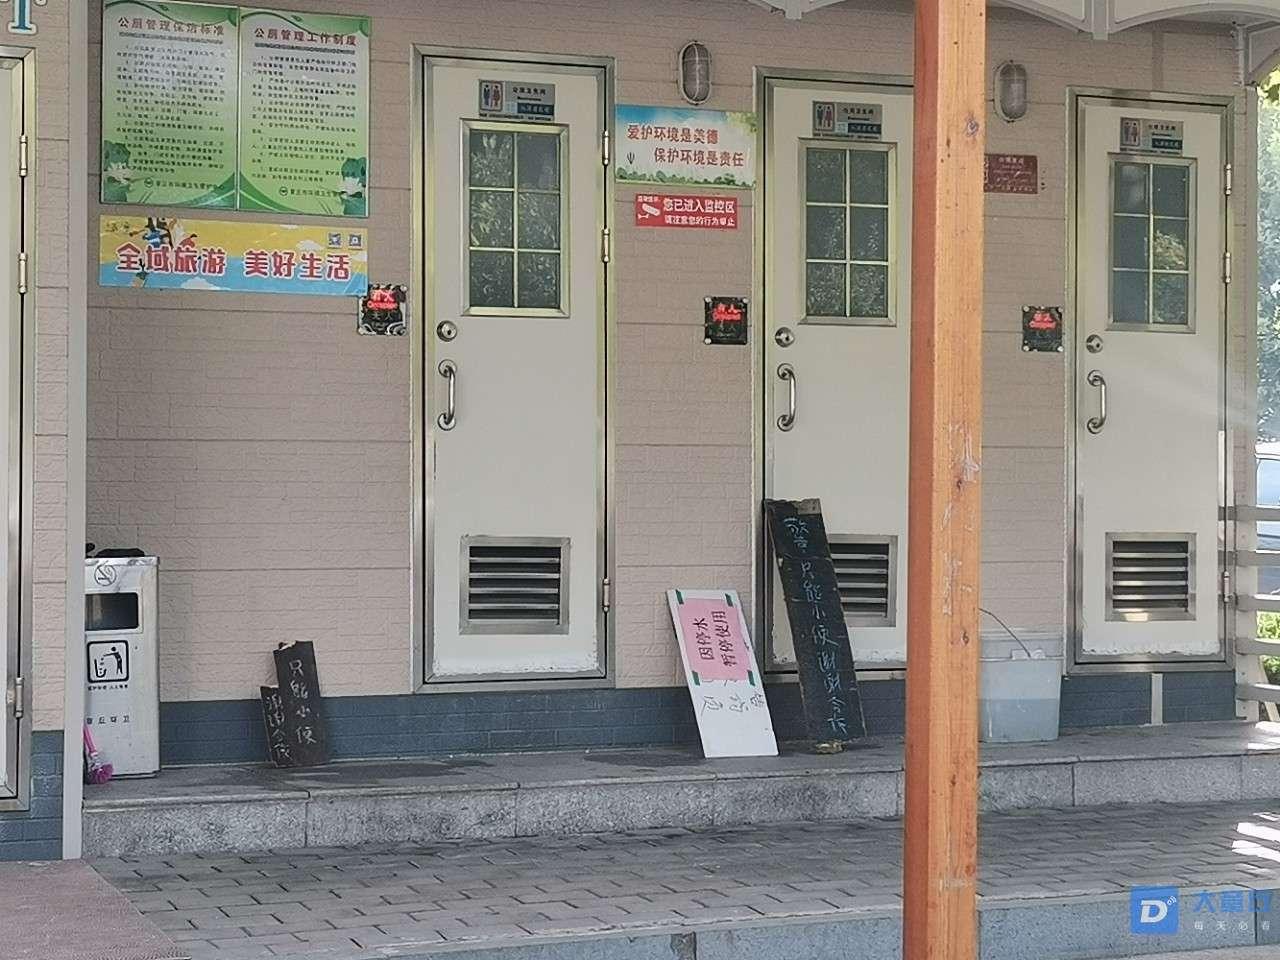 【后续】章丘这公厕 为啥不让大便 不是停水 就是坏了